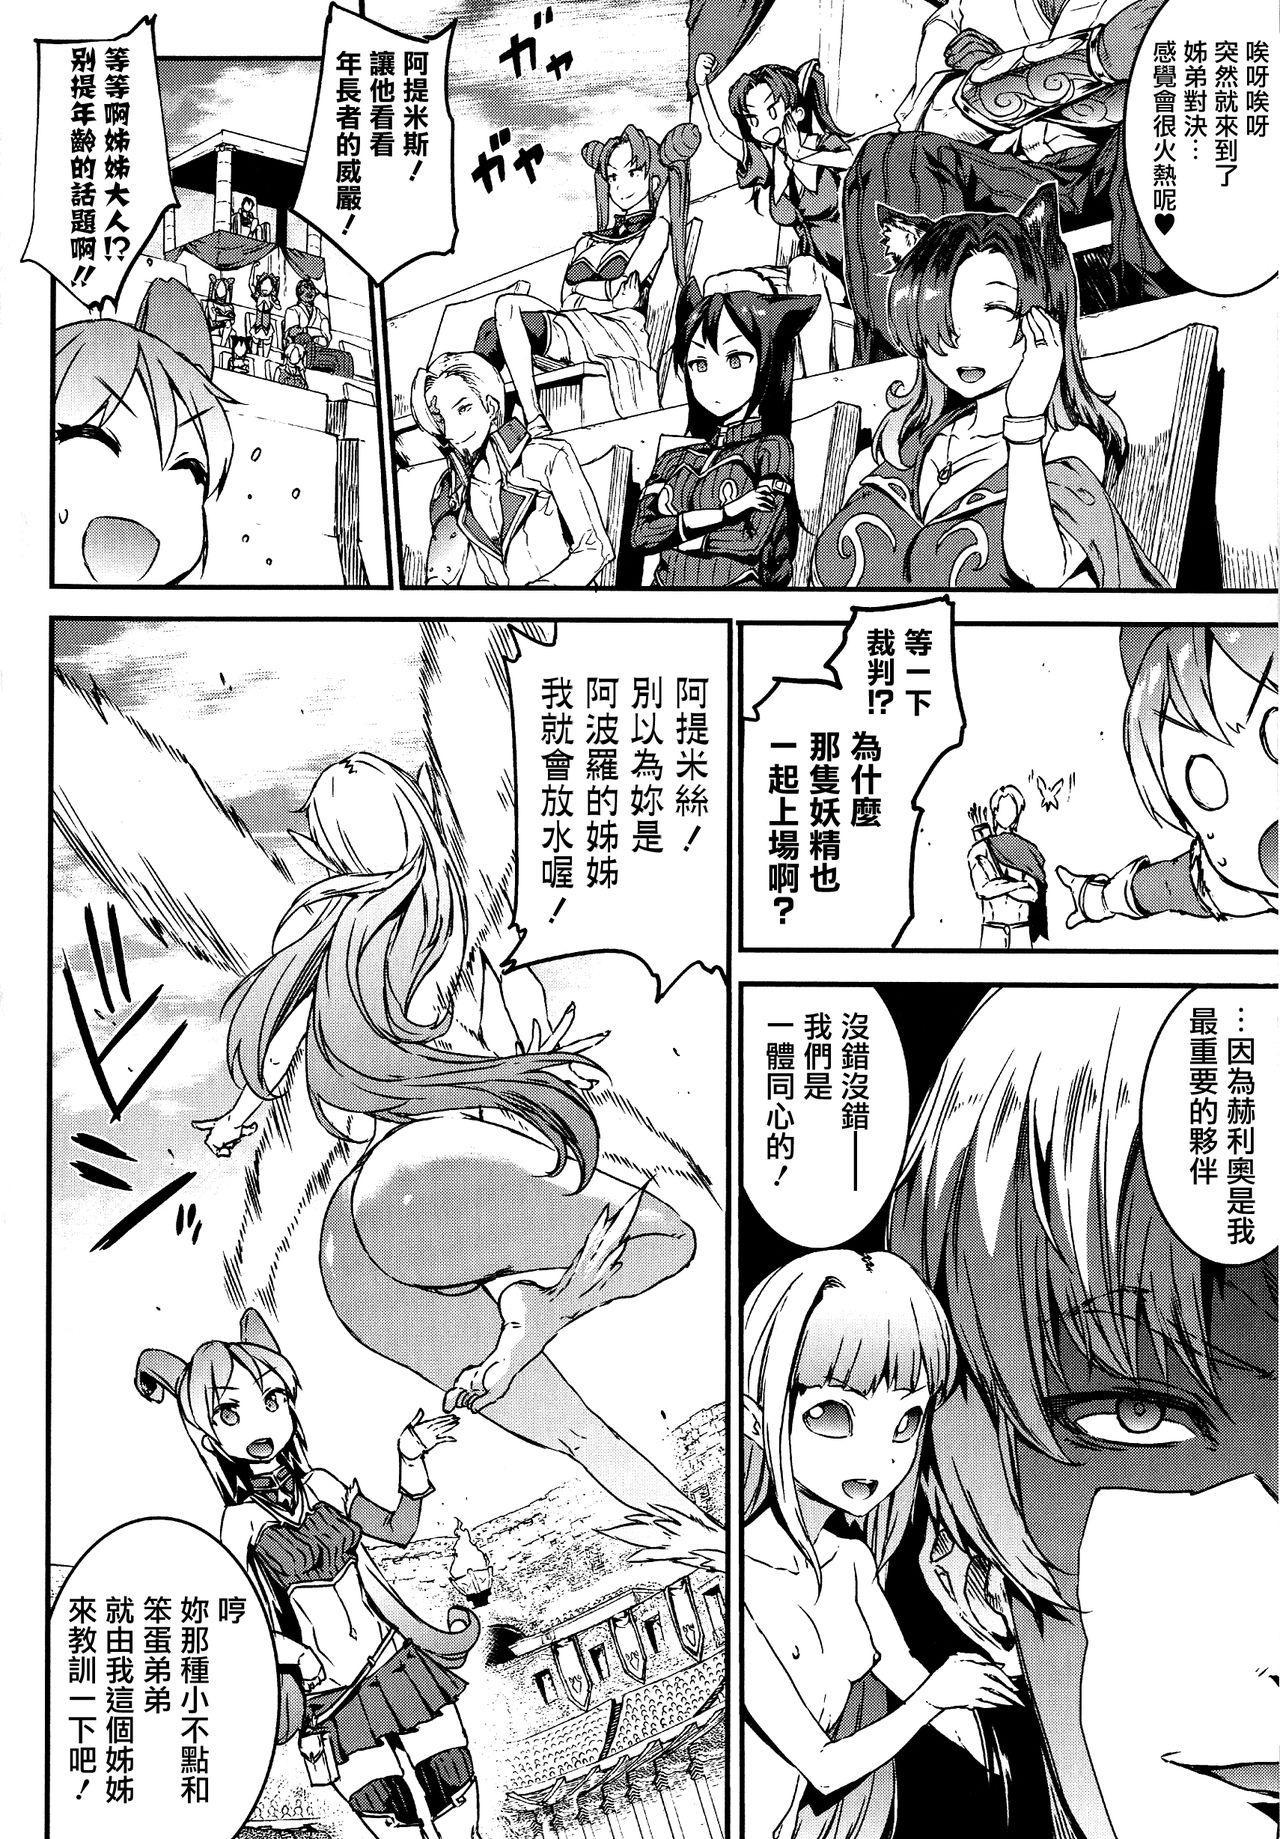 Raikou Shinki Igis Magia 89